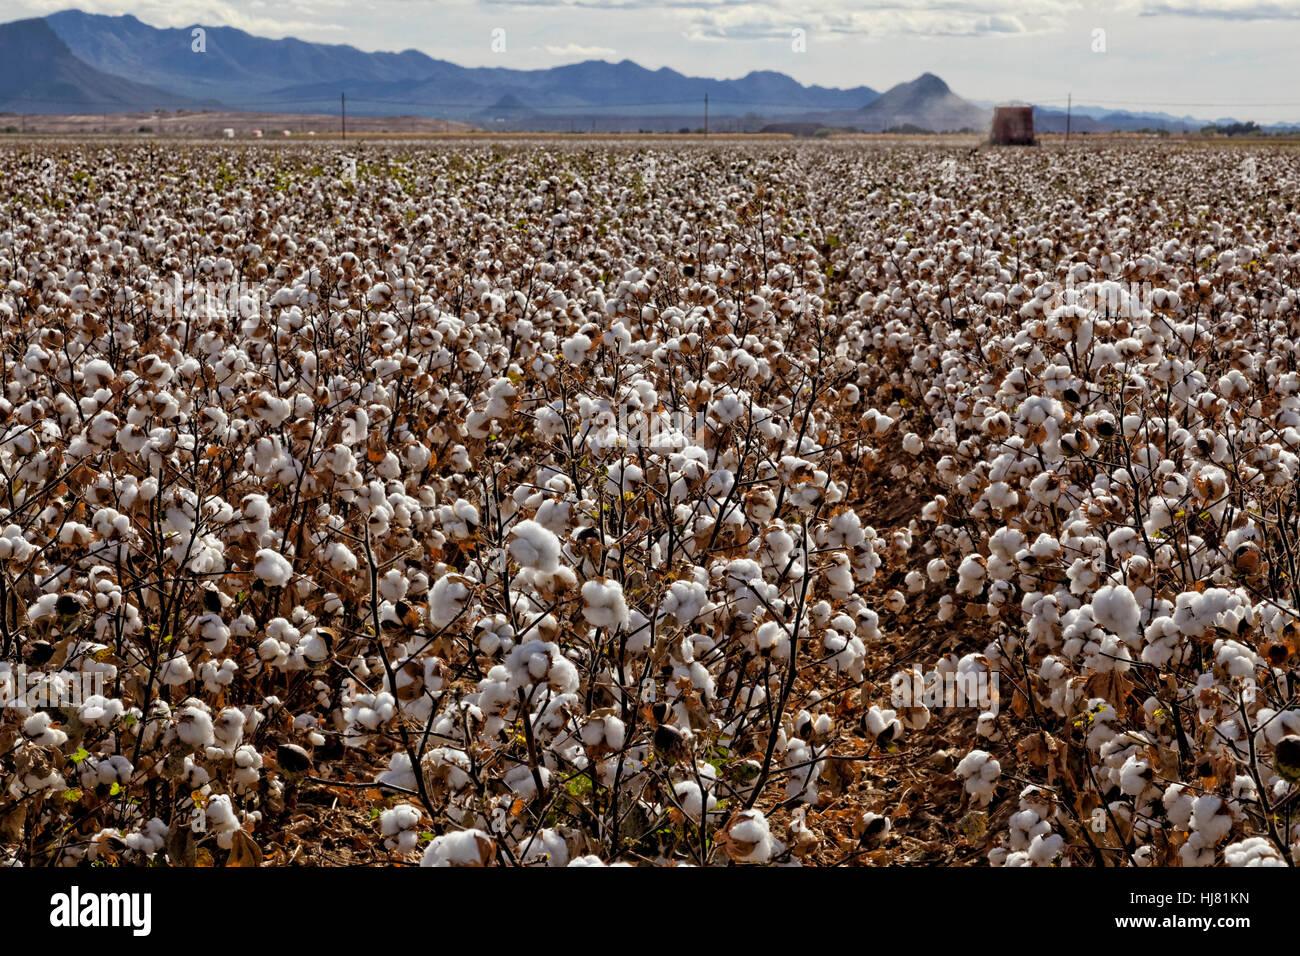 Cotton Ready for Harvest - Farming - Marana, Arizona - Stock Image